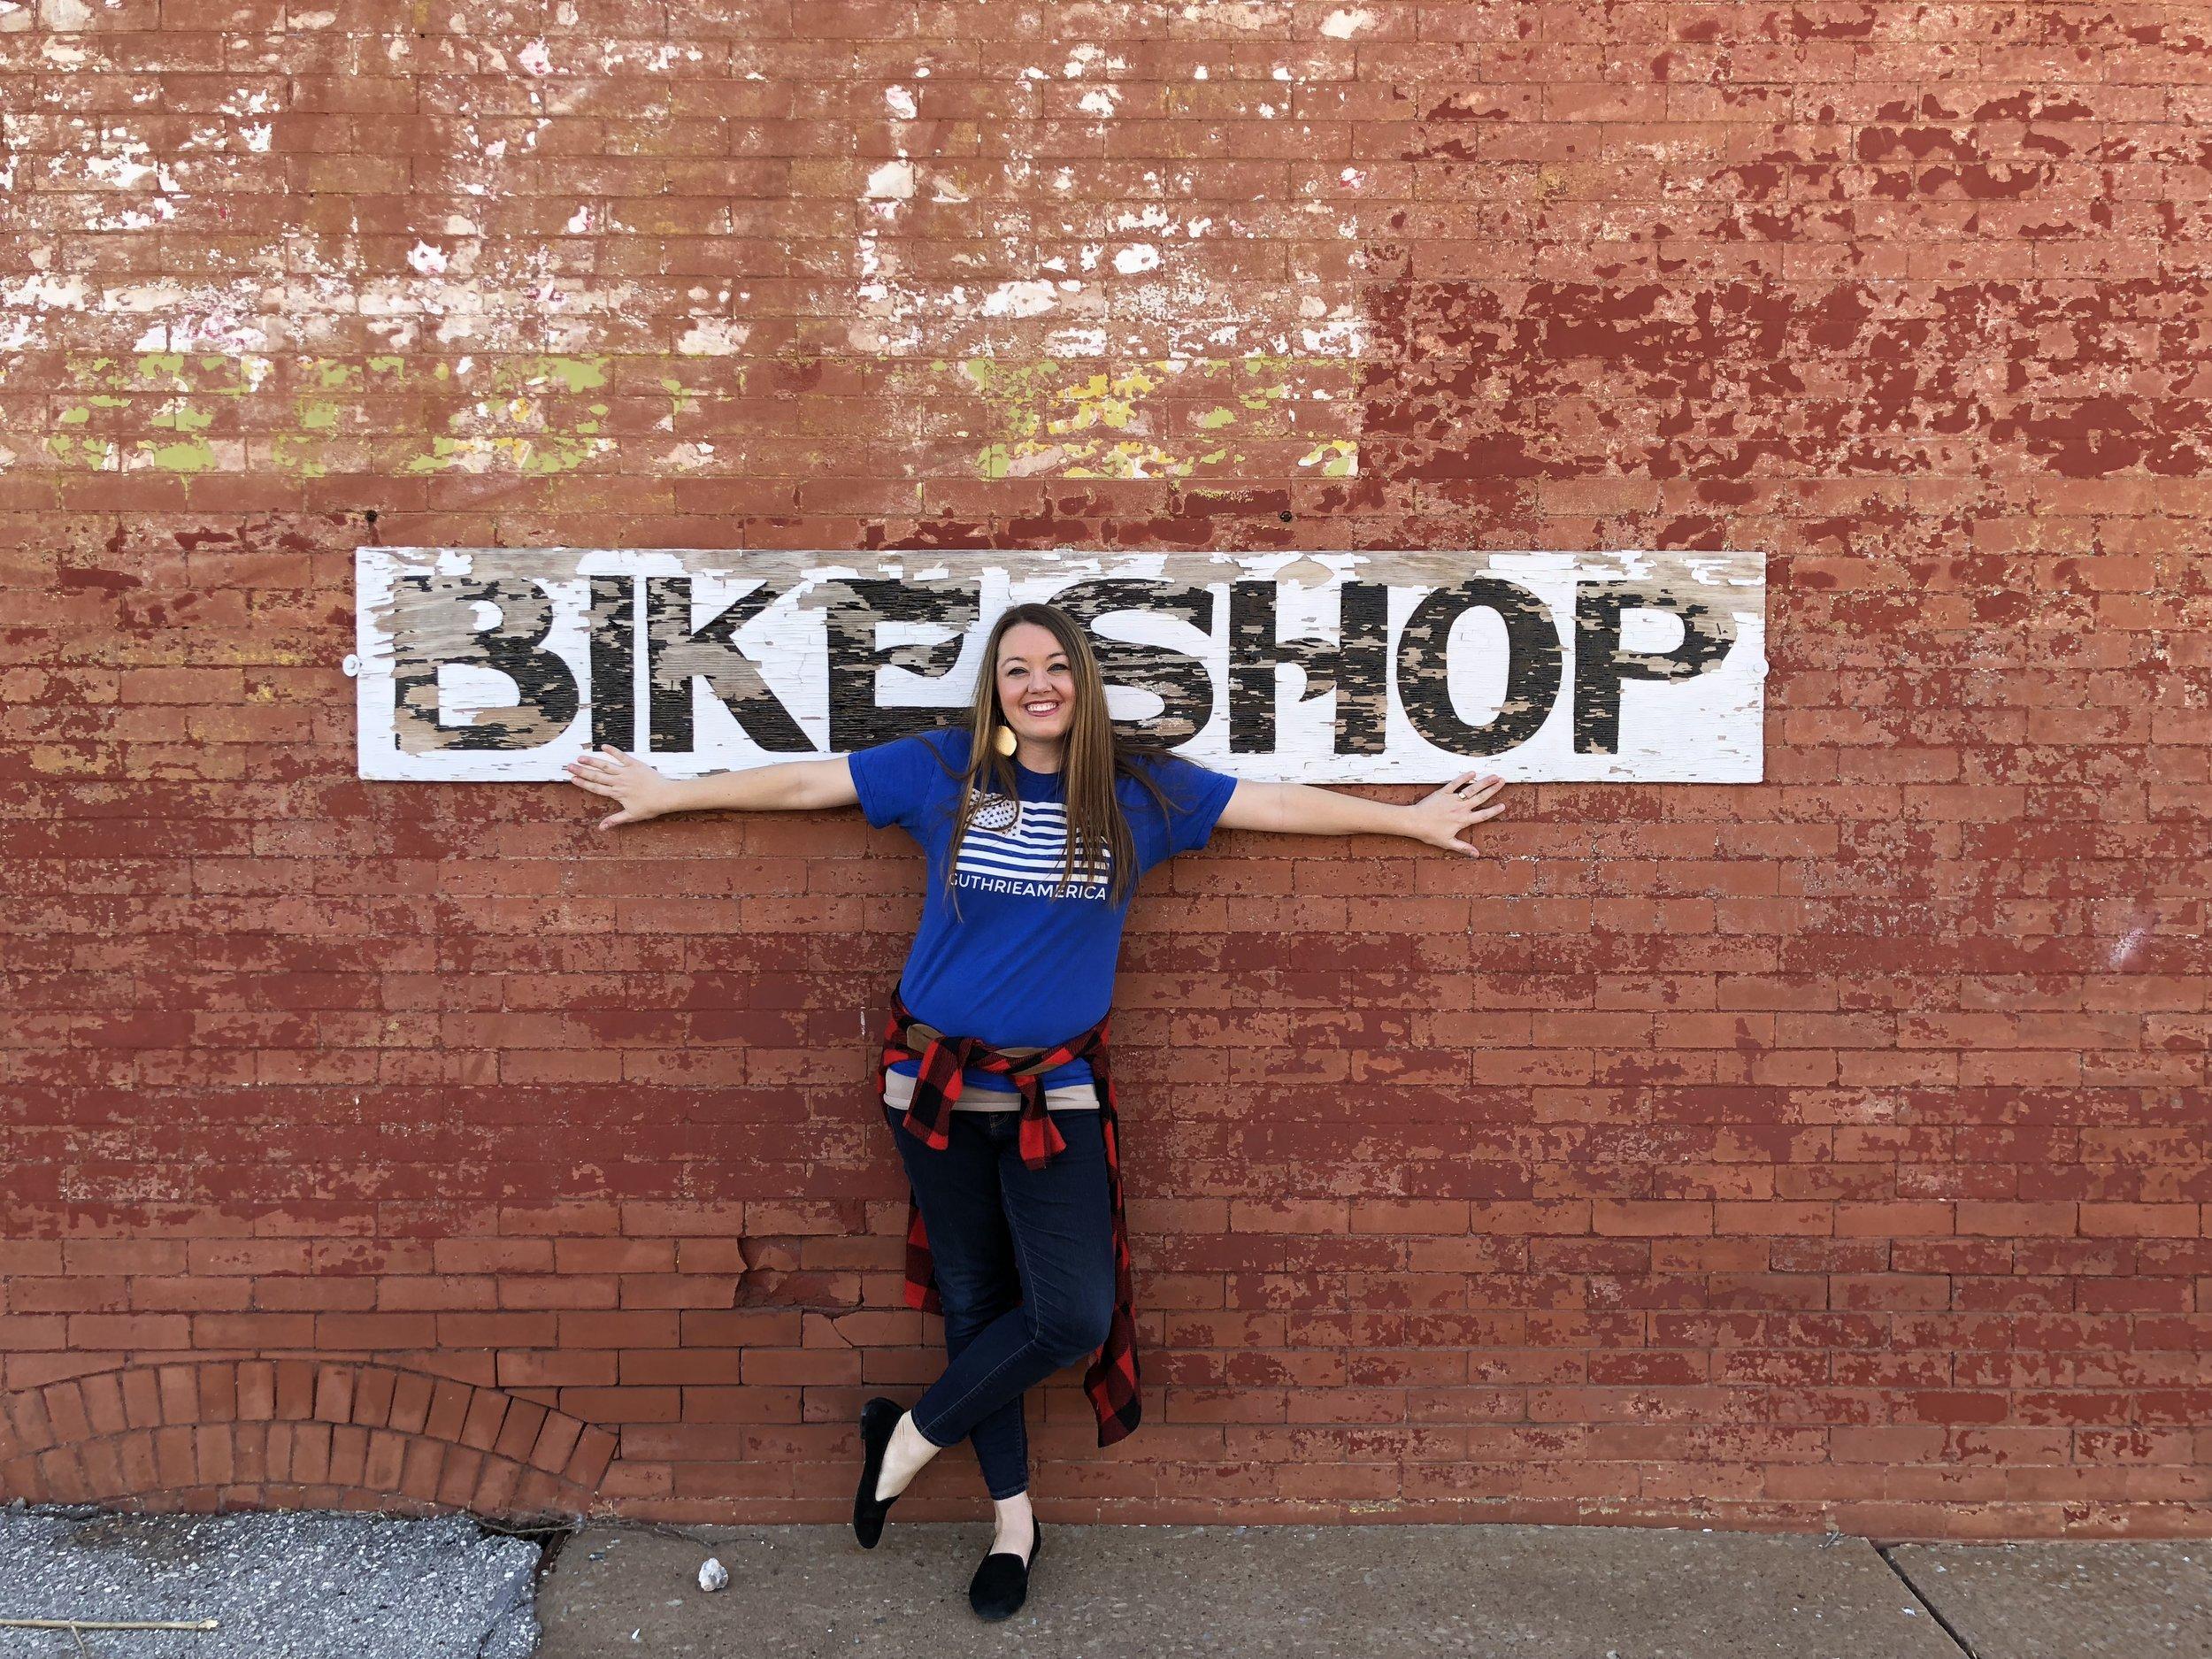 Courtney on bike shop wall.